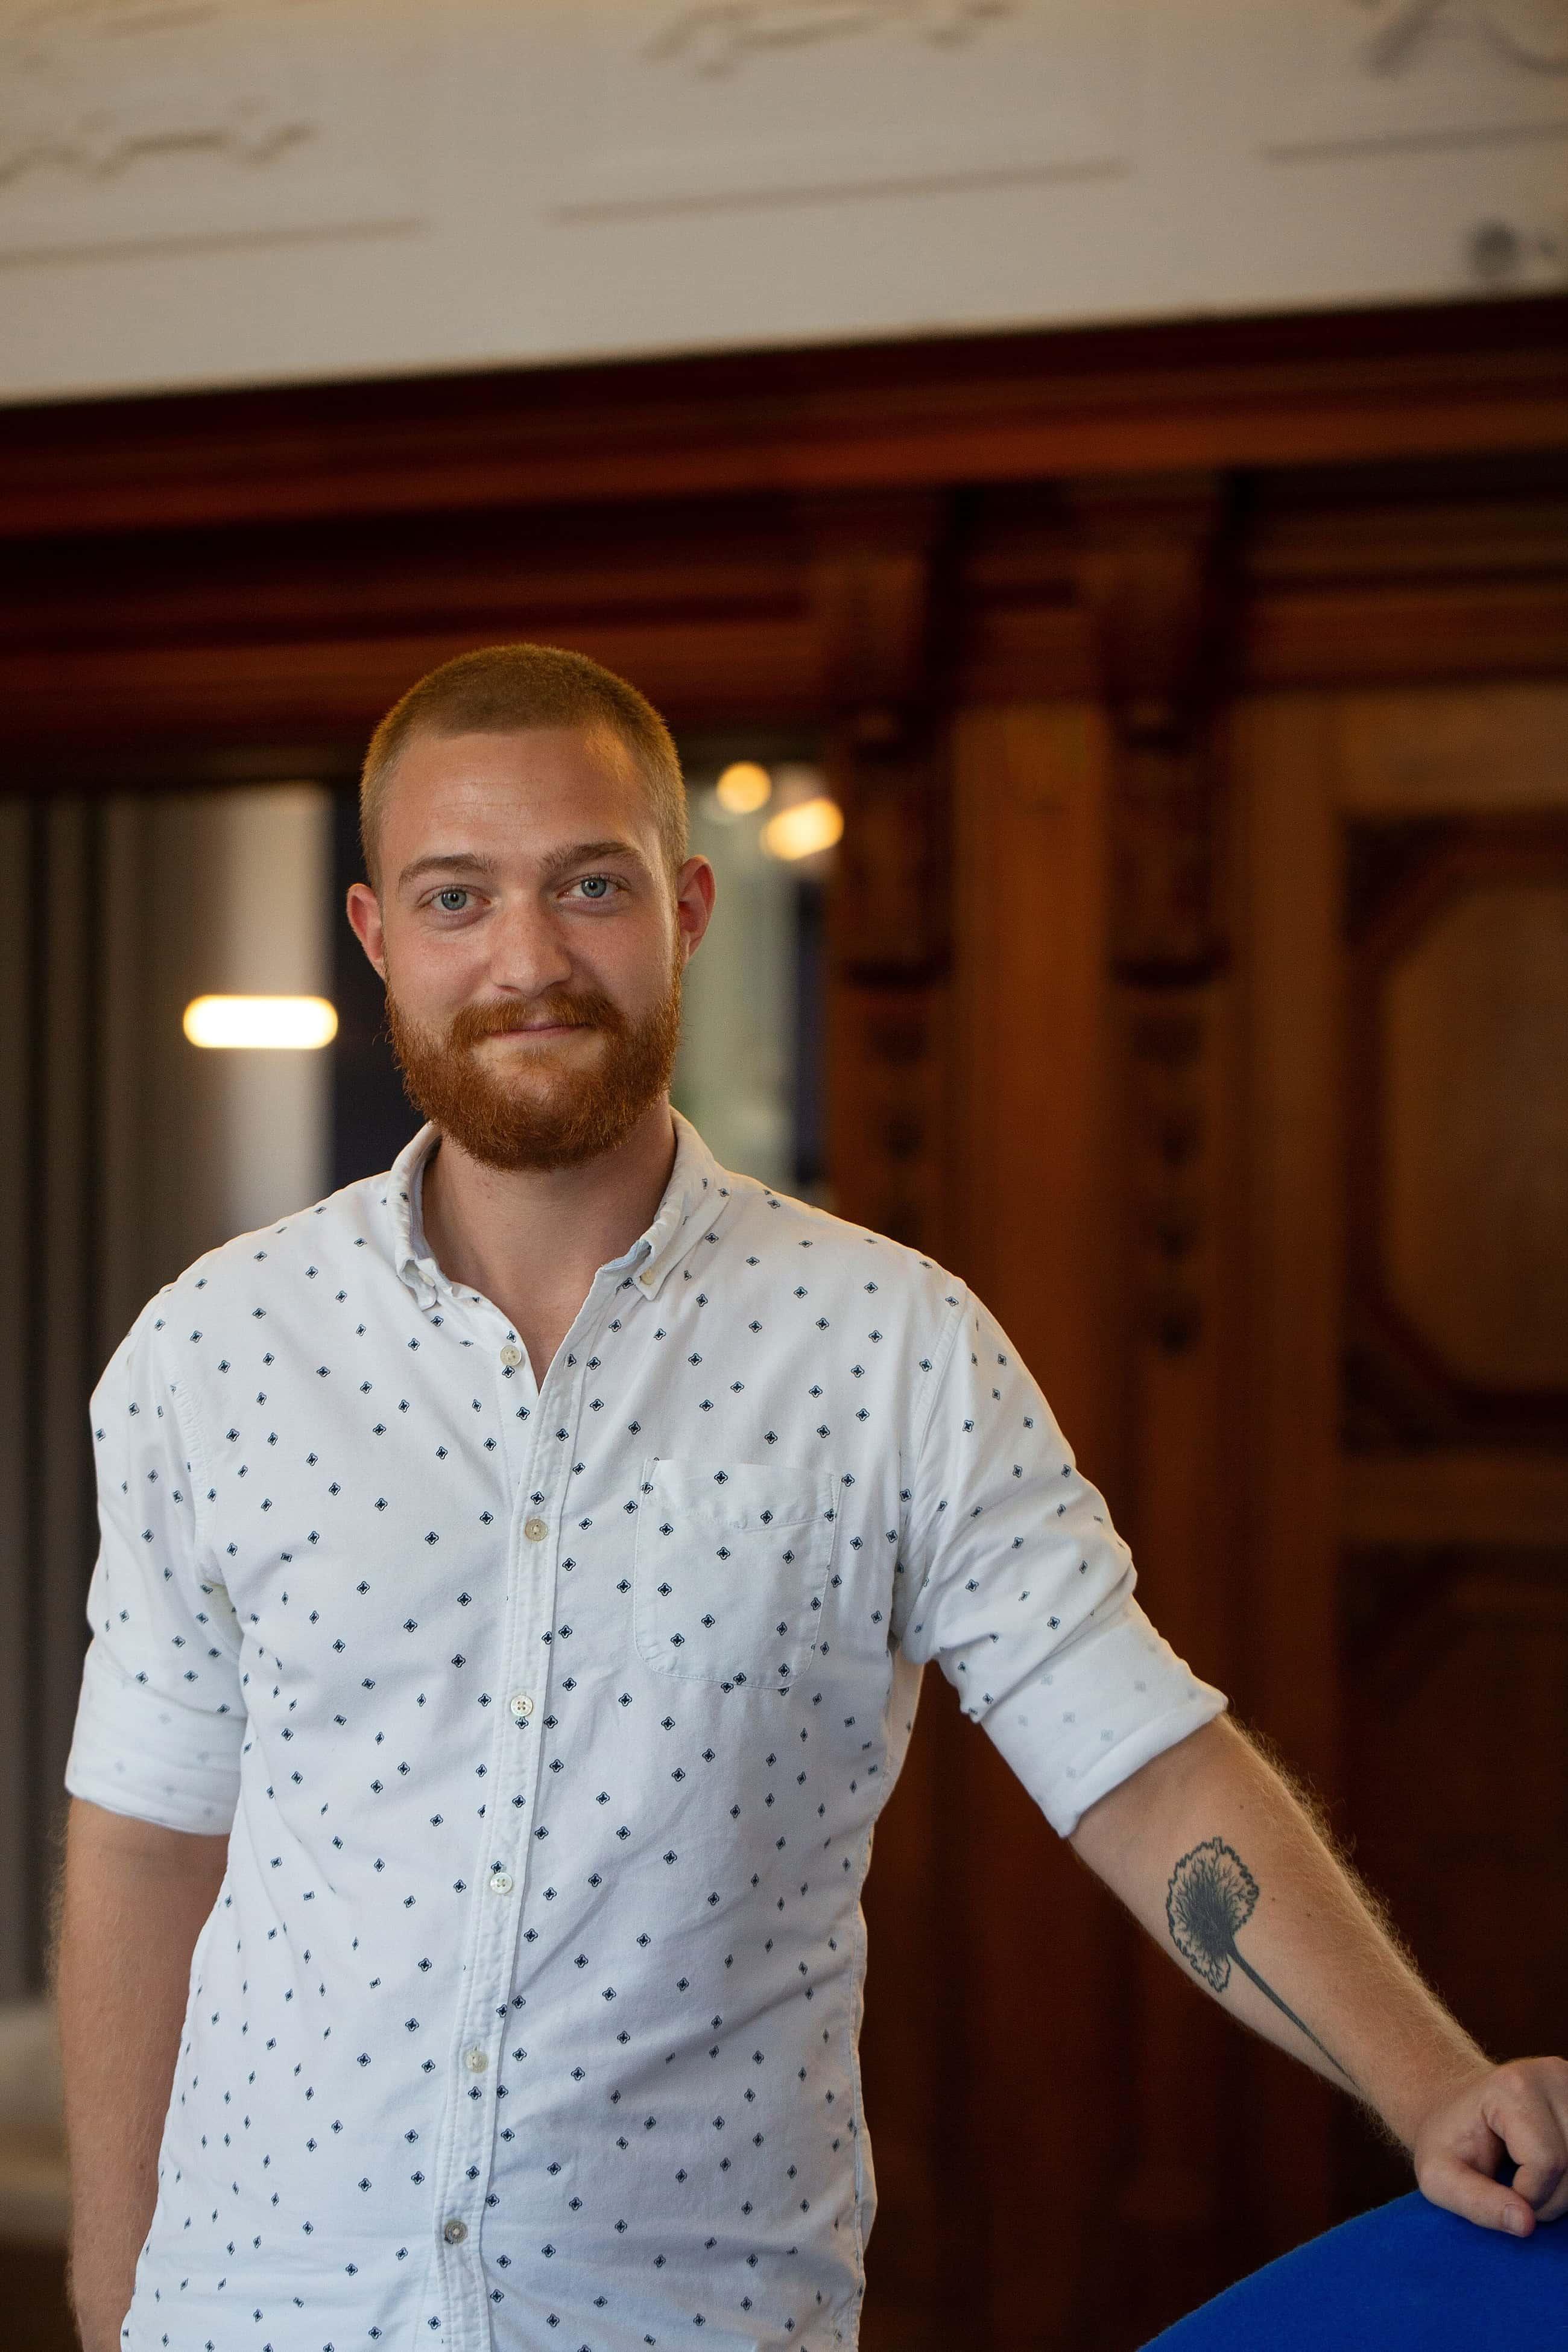 Mikkel Højland, Co-founder & Product Owner @Estaid